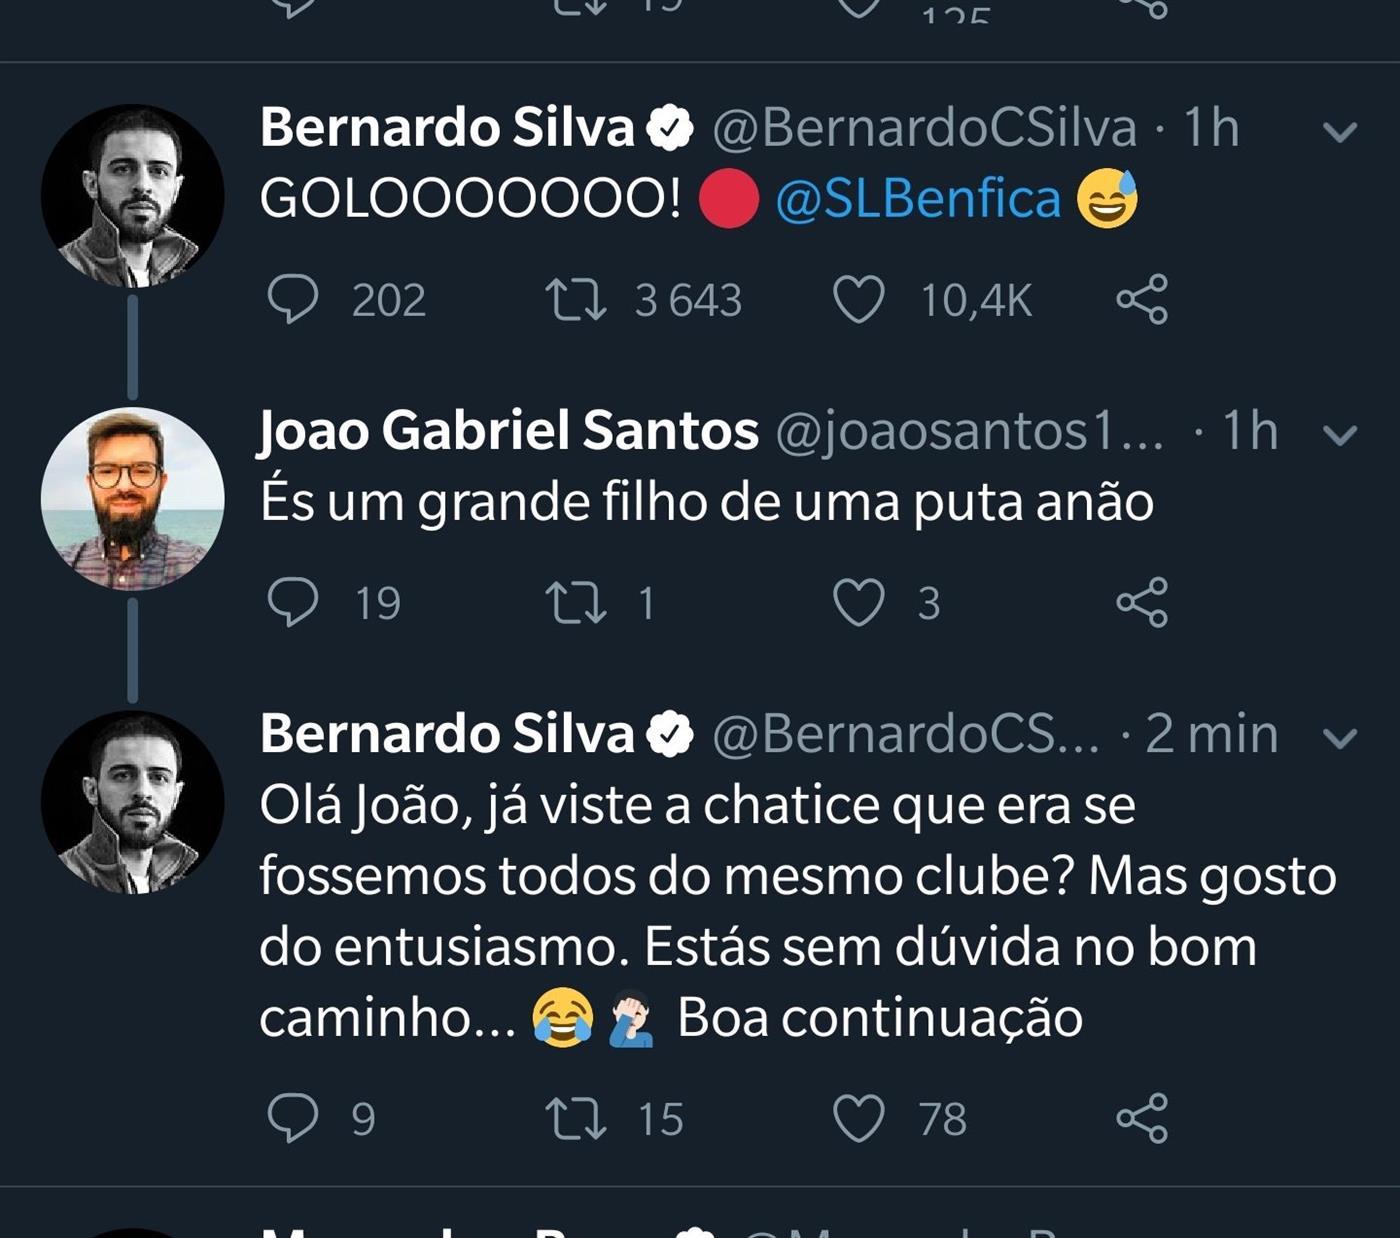 Bernardo Silva festeja golo do Benfica, é insultado e a resposta torna-se viral